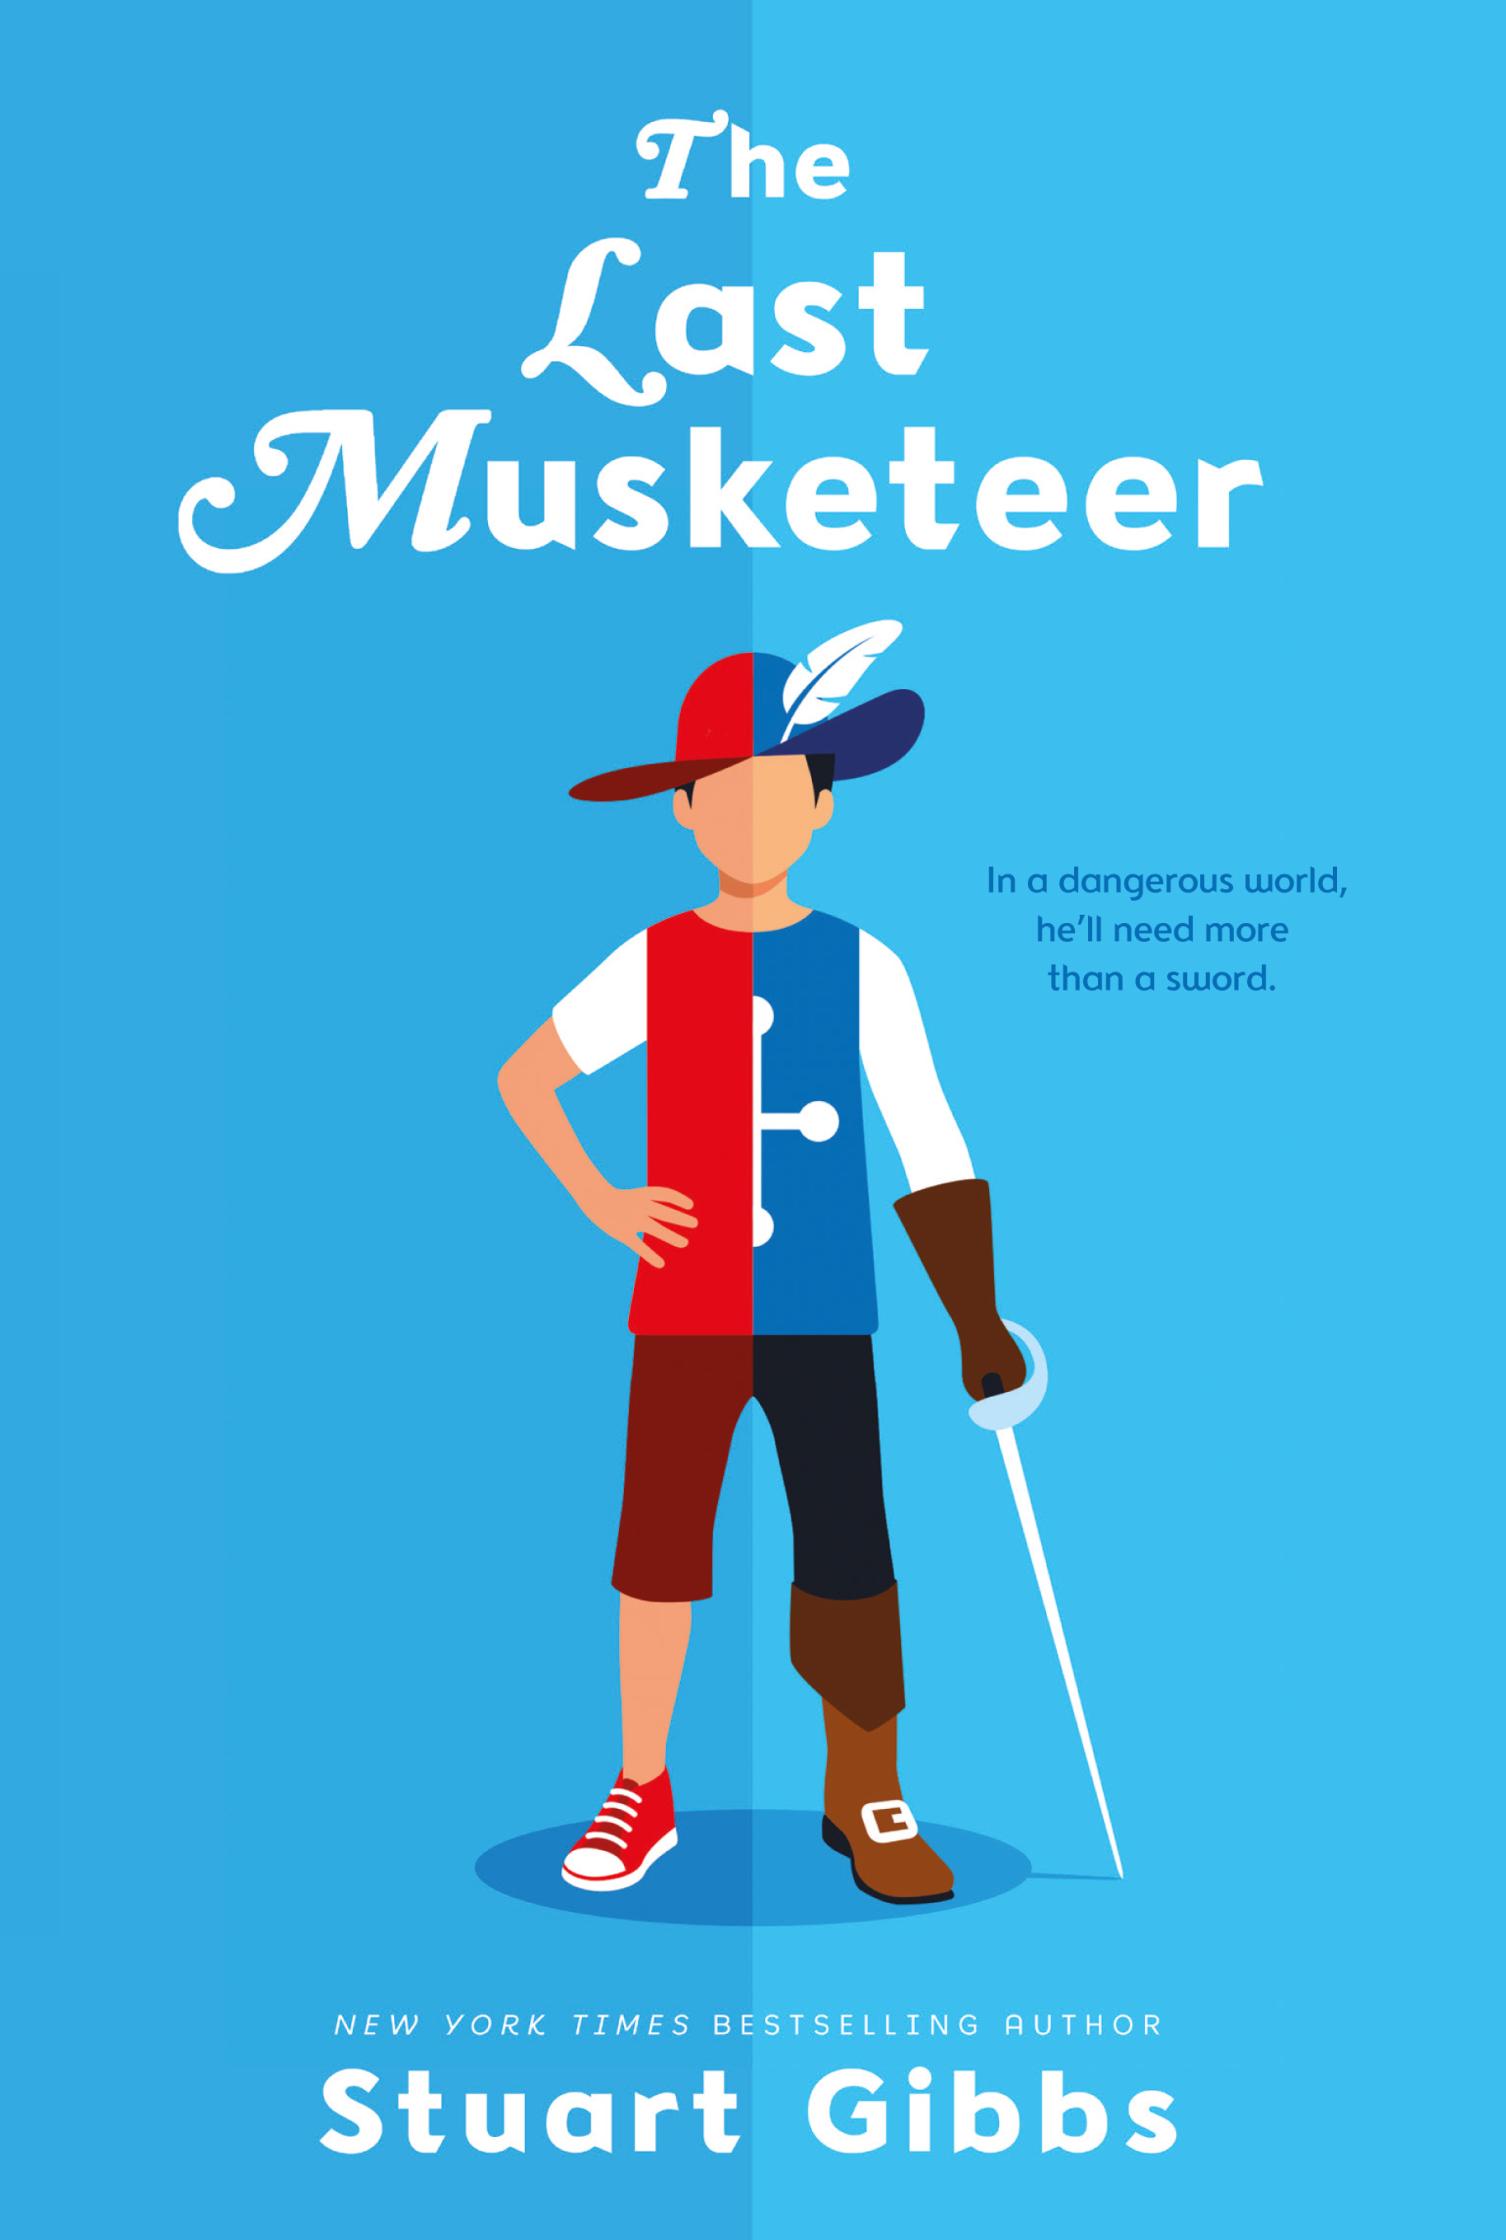 the-last-musketeer-harper-collins.jpg